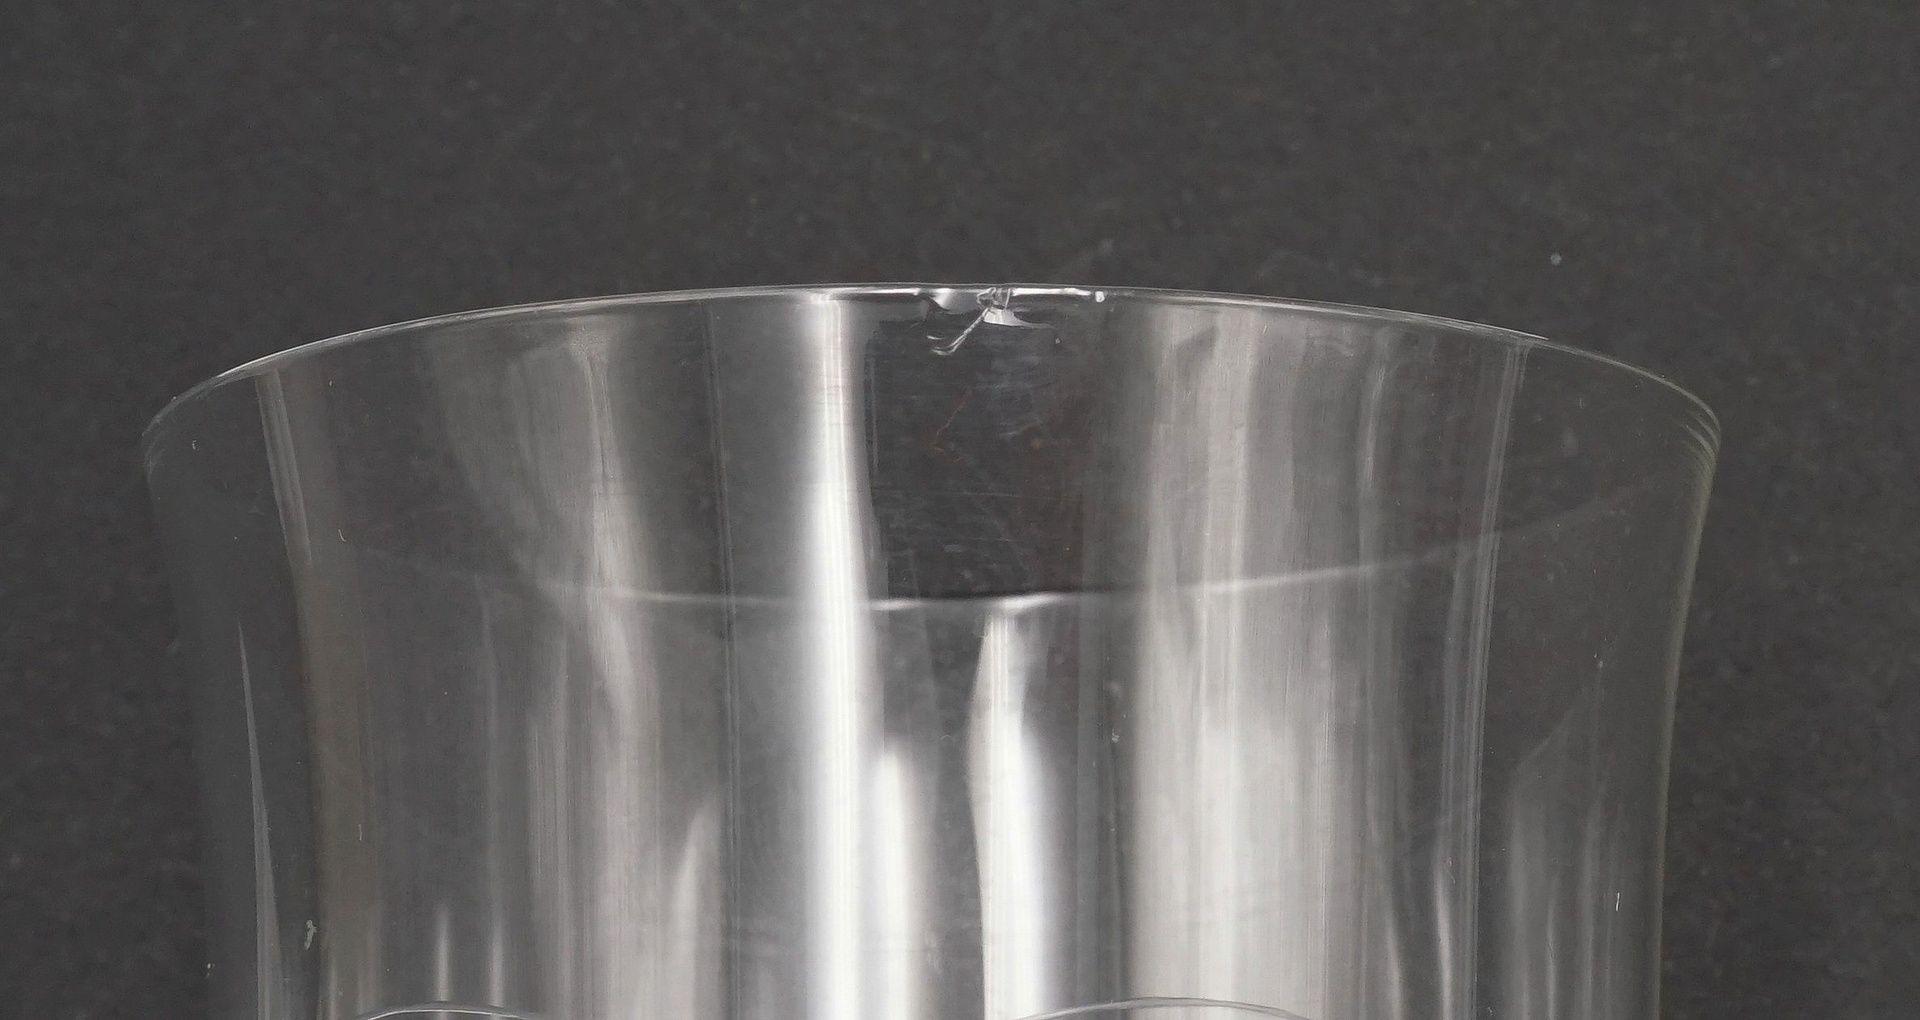 Sechs Wassergläser und fünf Weingläser - Bild 3 aus 3